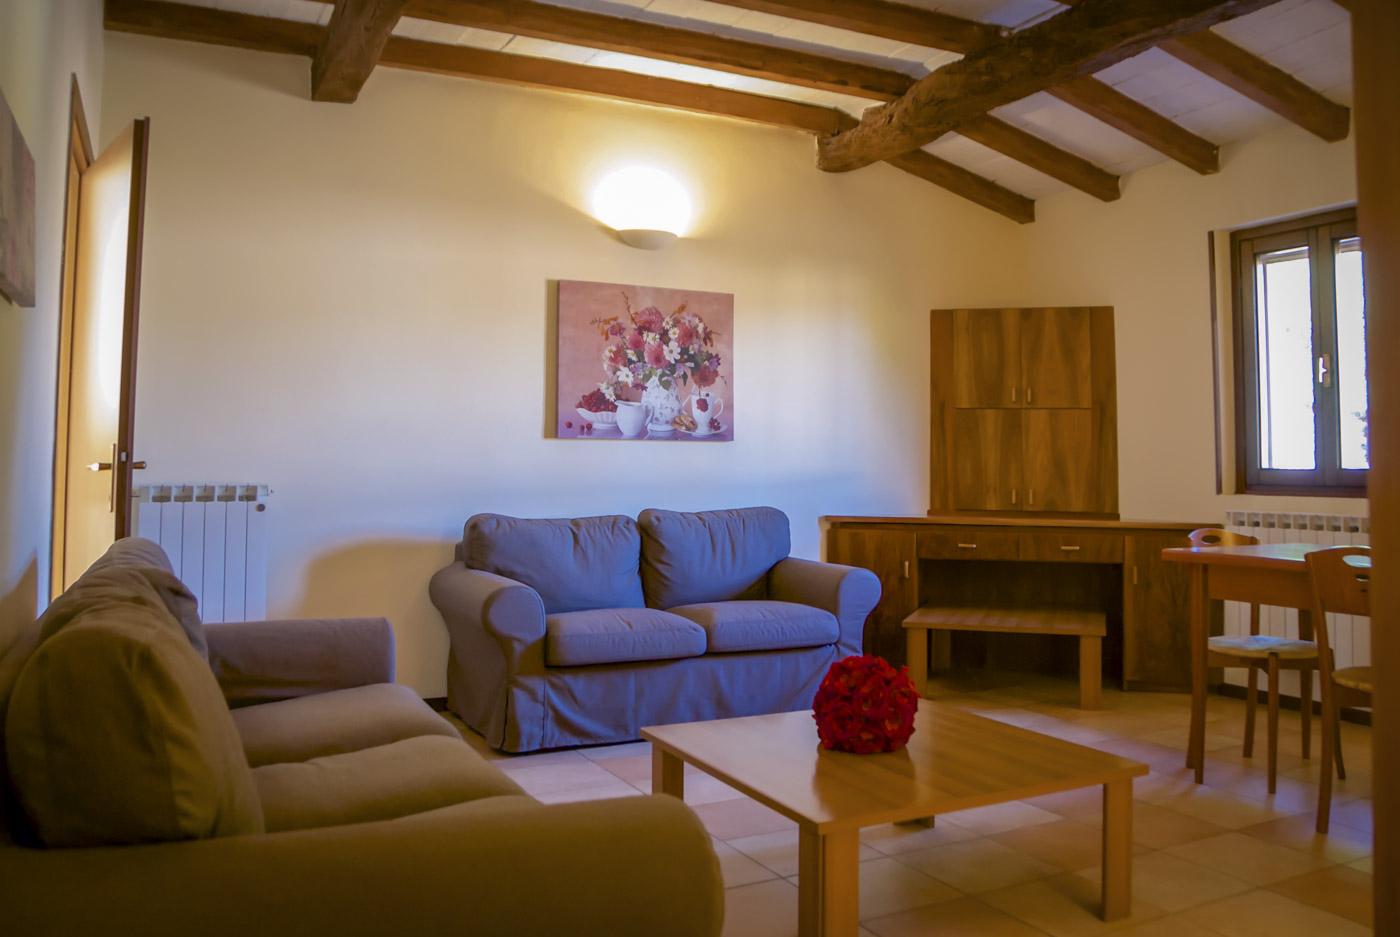 Appartamenti in affitto borgo zelata borgo zelata for Affitti appartamenti